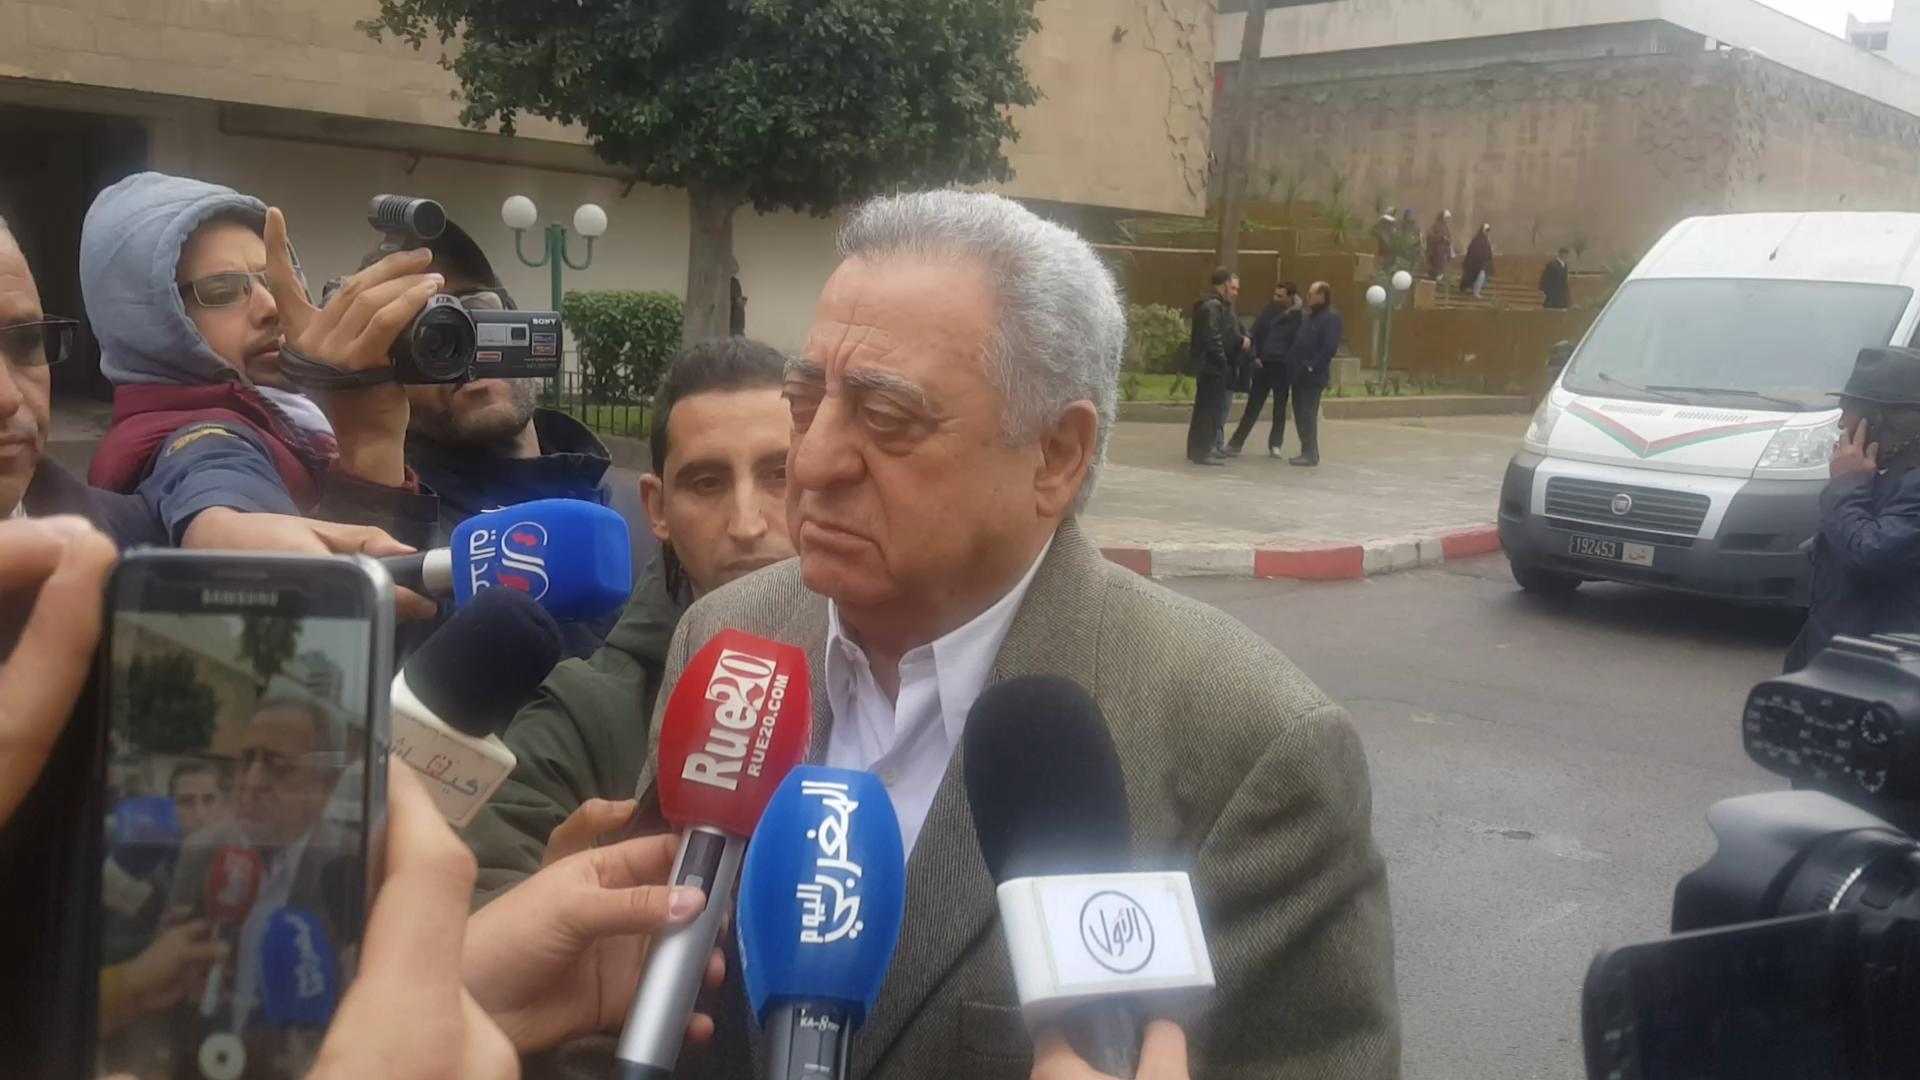 بعد نصف ساعة الوكيل العام لاستئنافية الدار البيضاء يقرر مصير بوعشرين